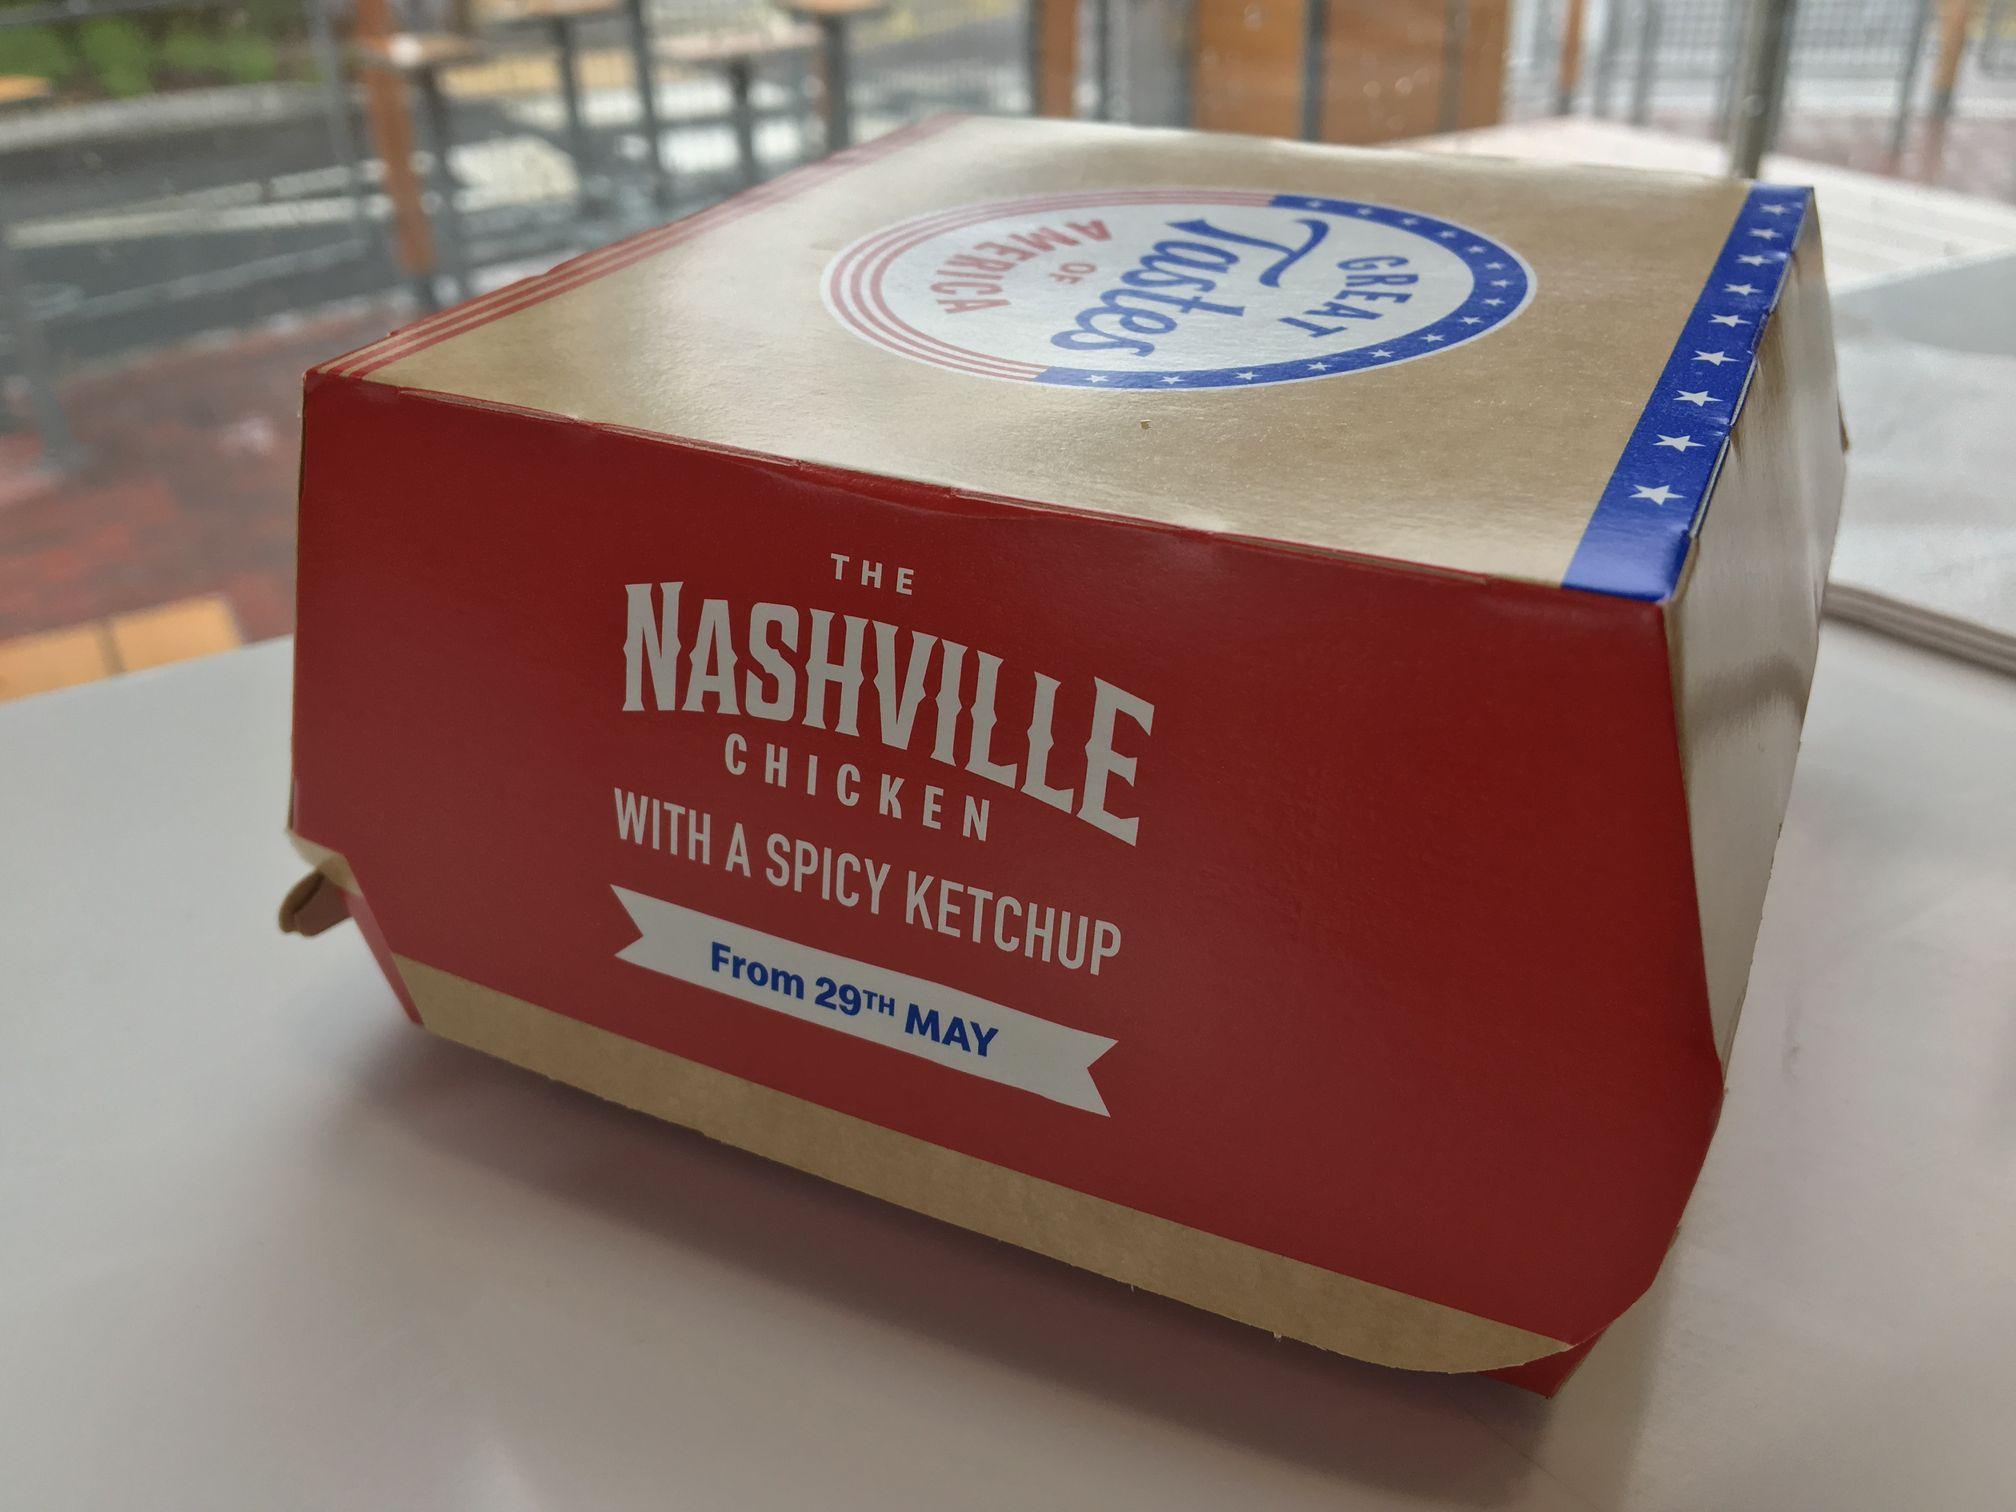 McDonald's Nashville Chicken